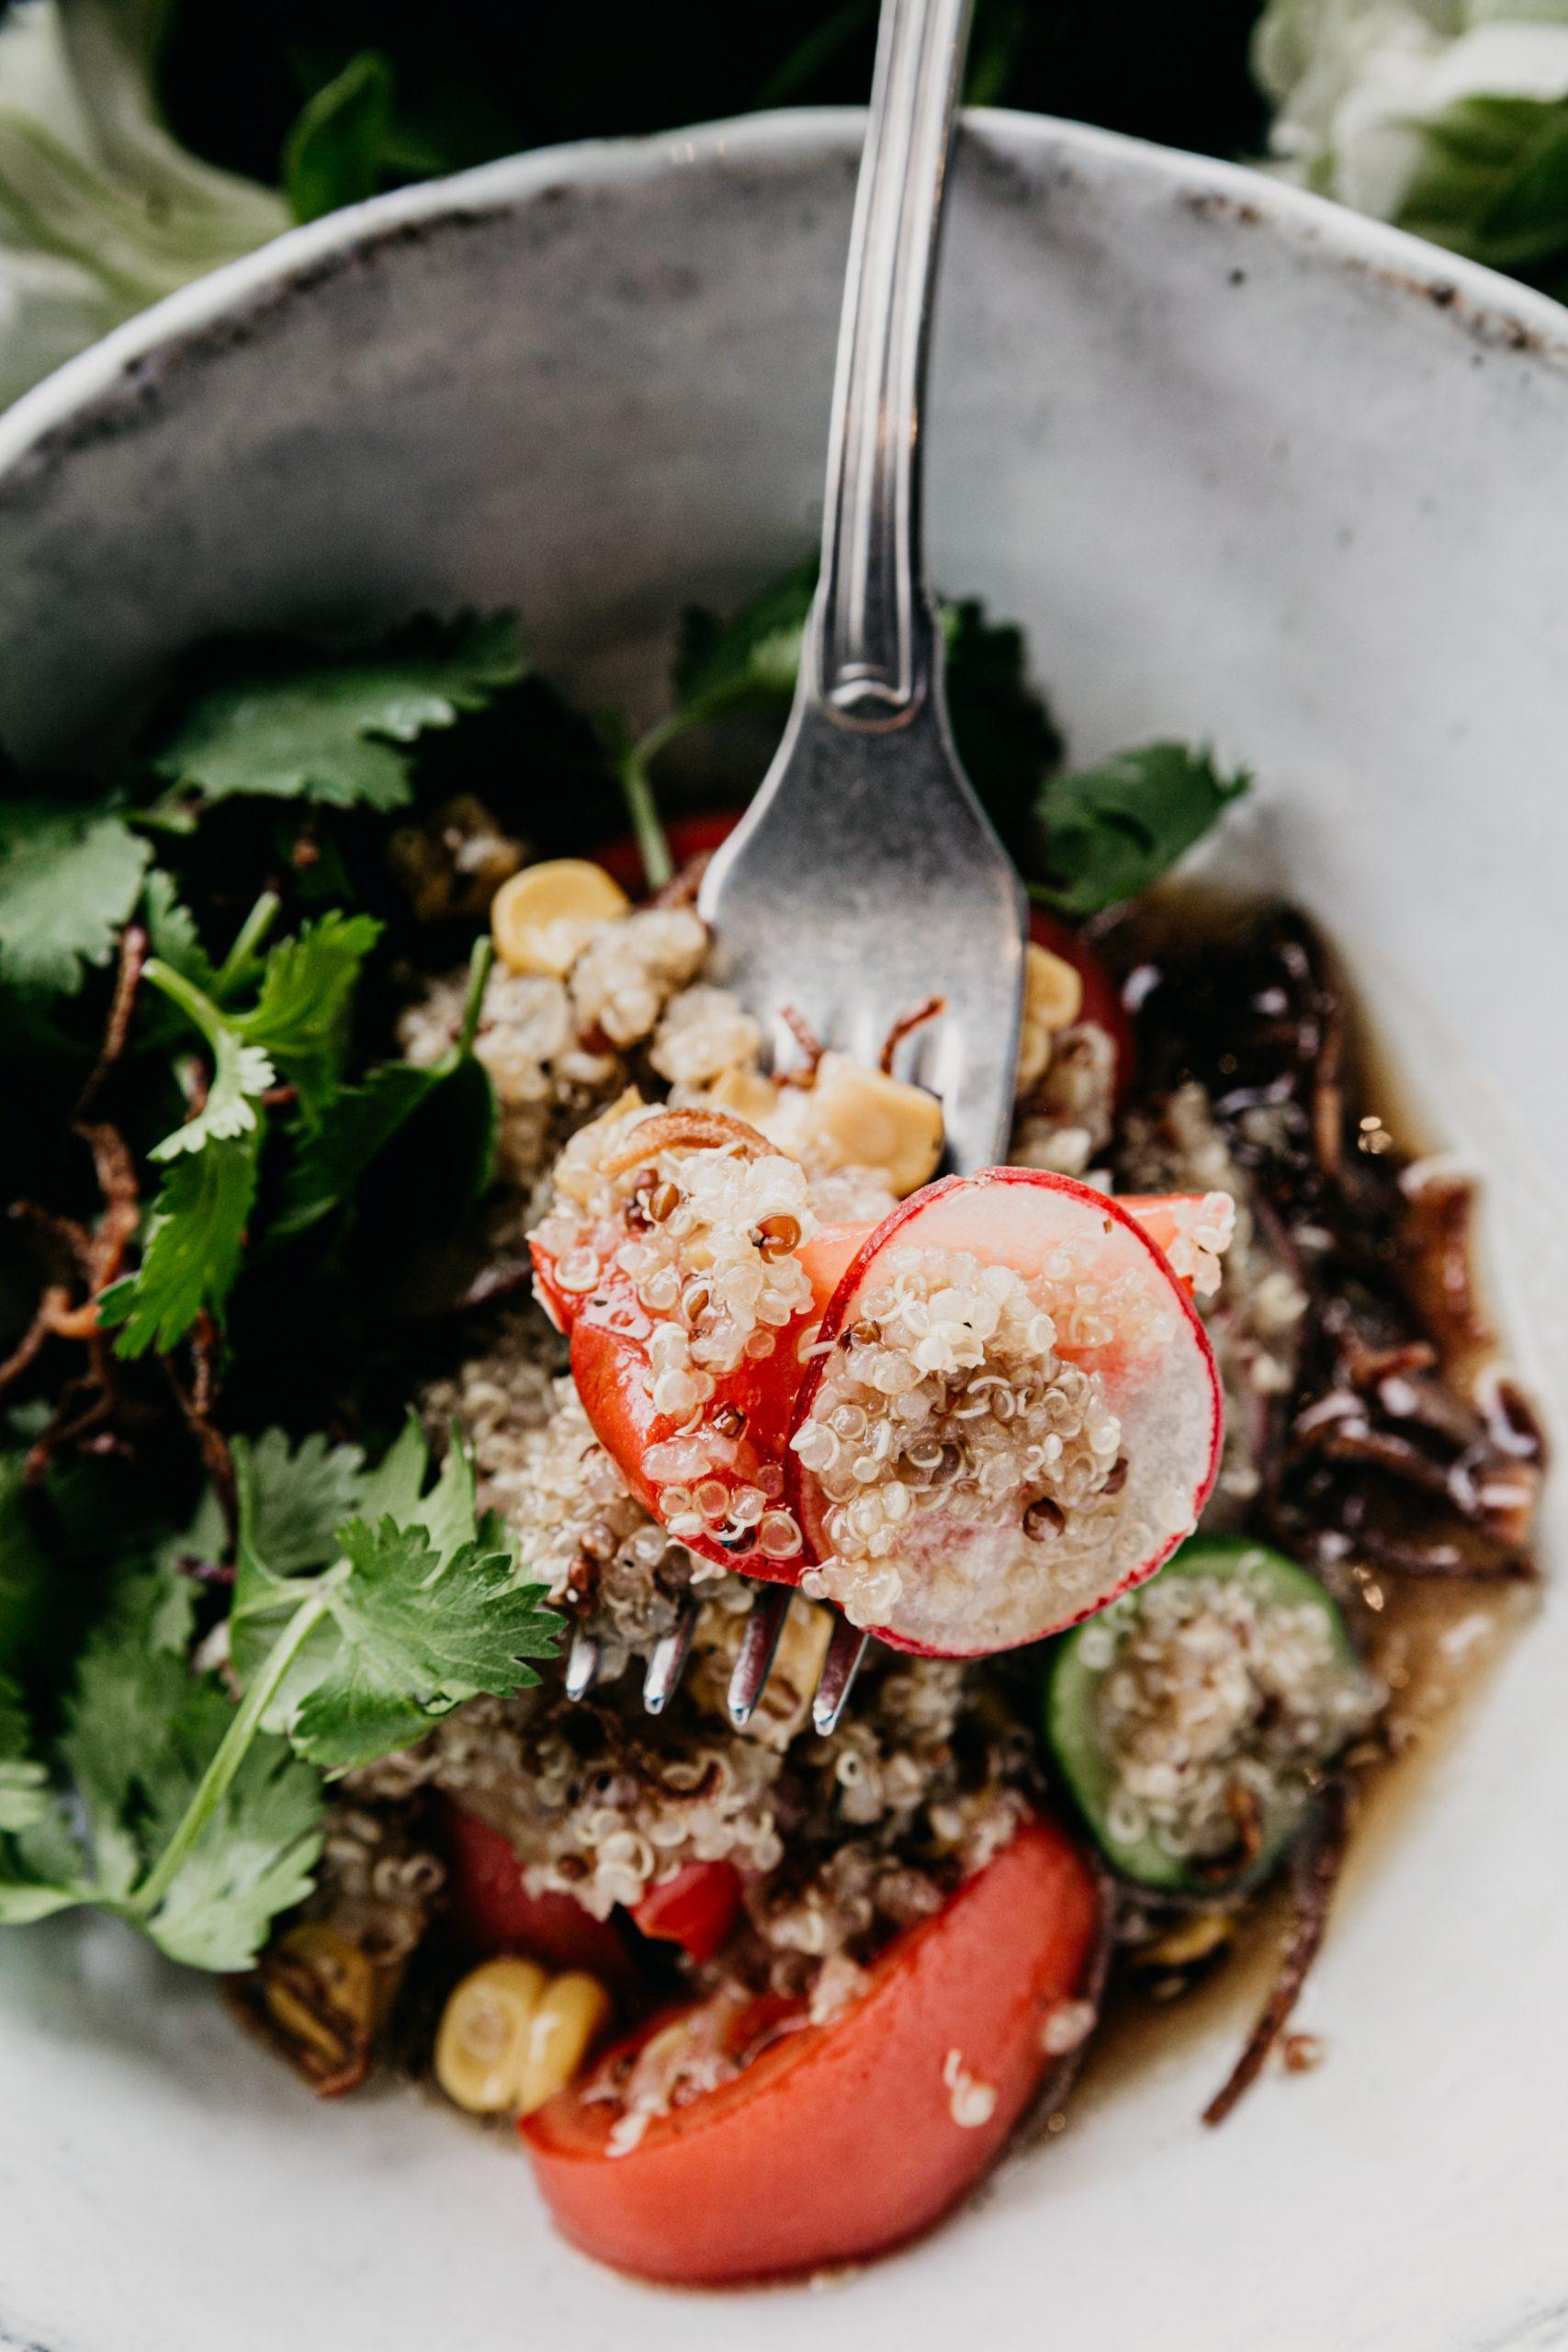 Plato de quinoa / Foto: Pexels